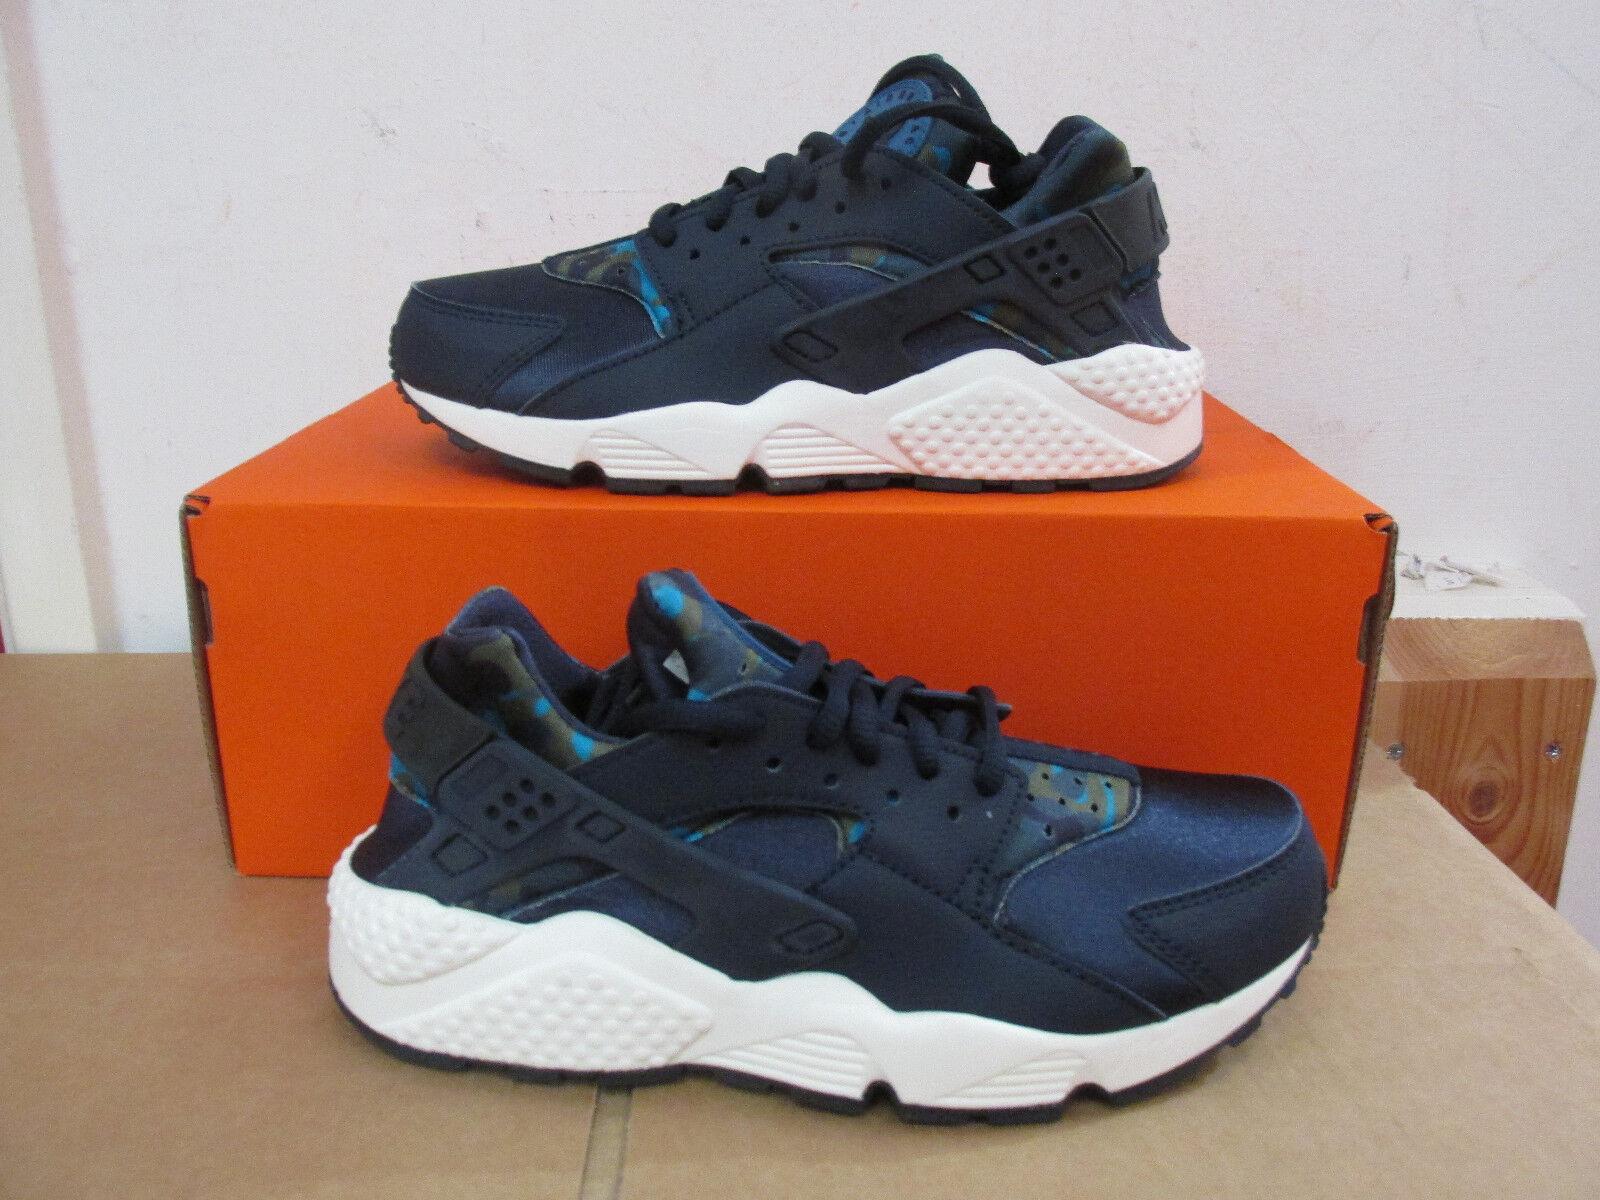 Nike) huarache zapatillas estampado atletismo zapatillas huarache 725076 400 zapatos ed1b91